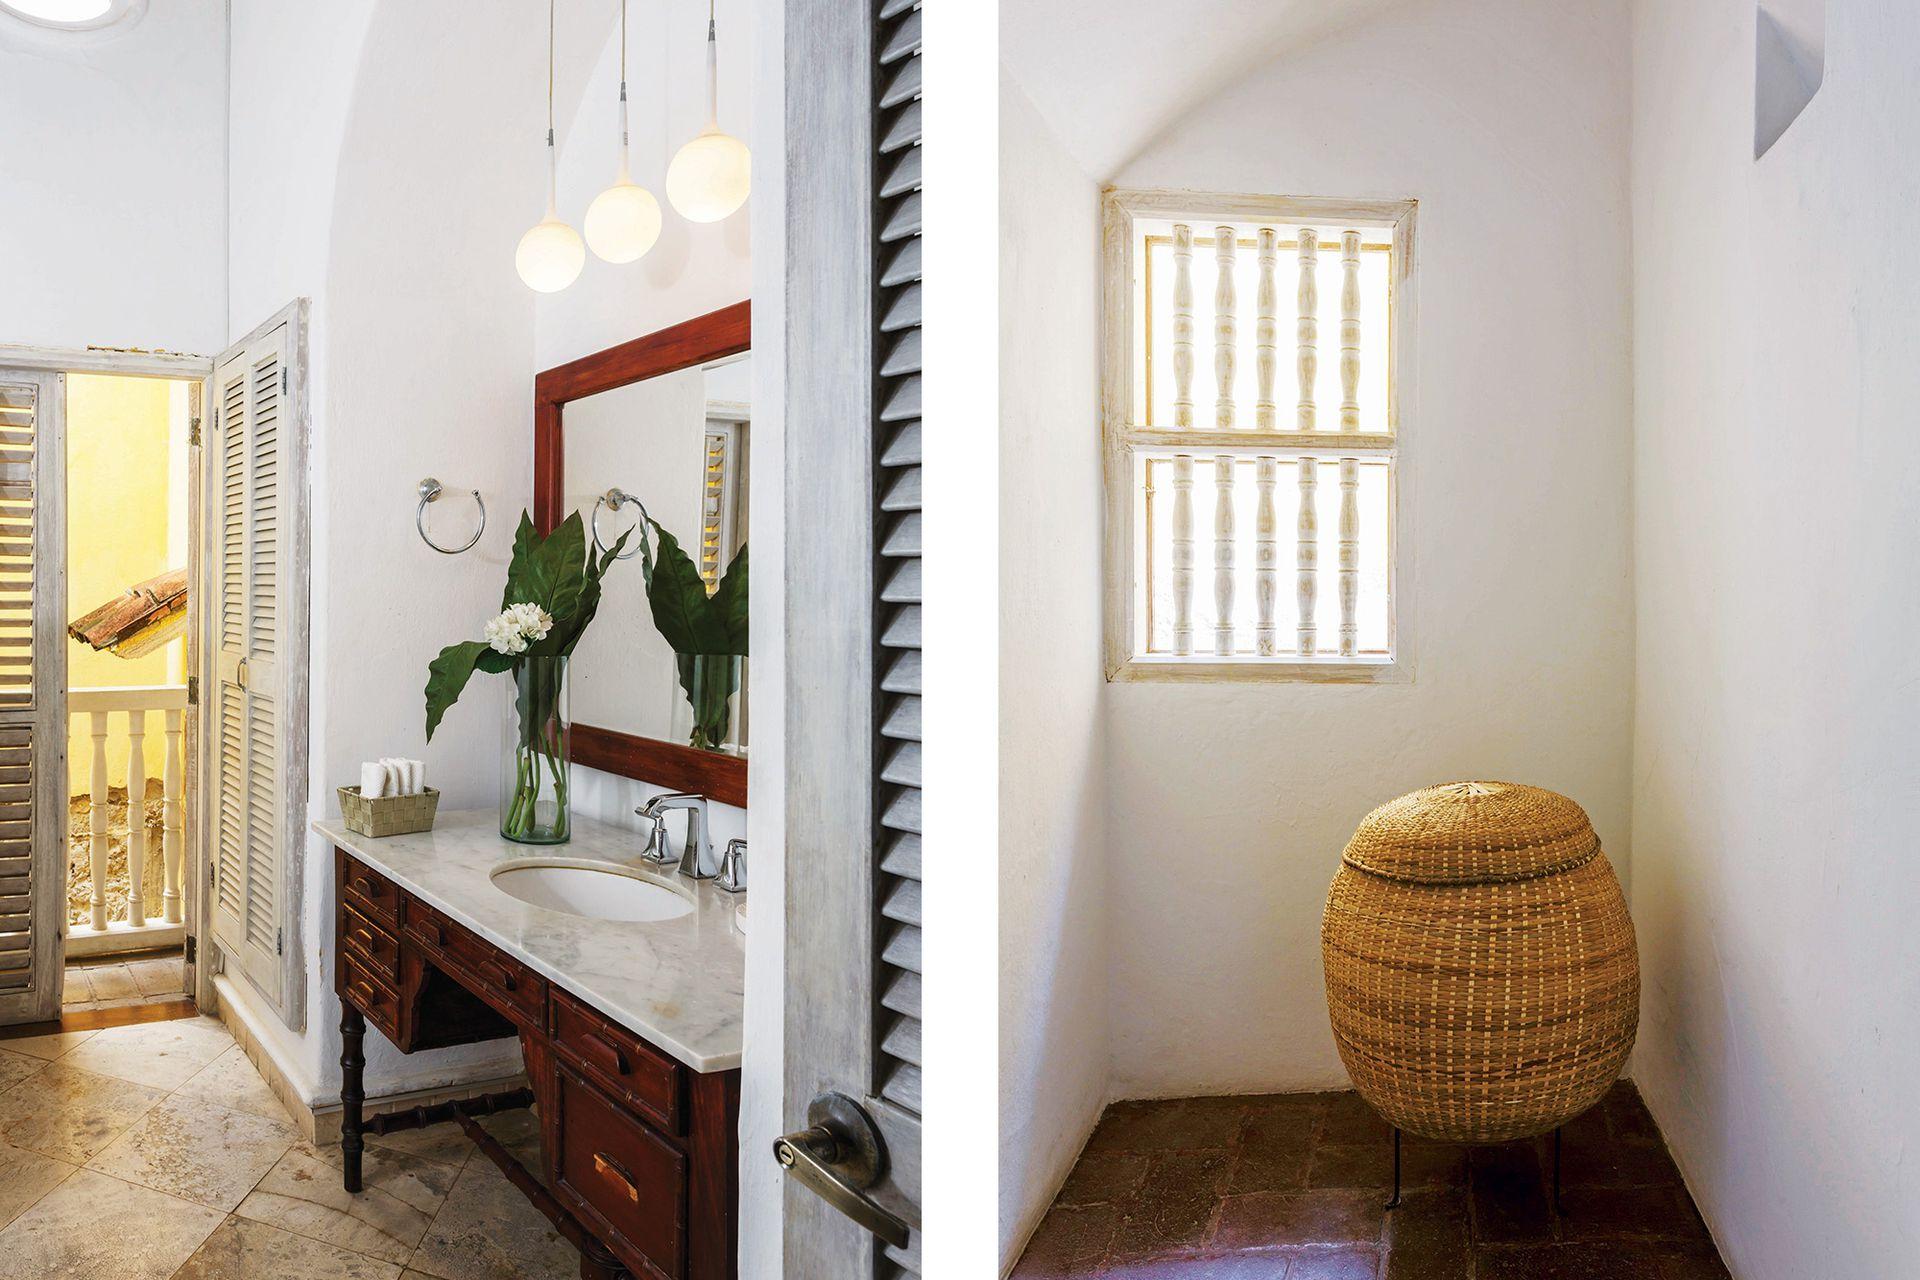 Un mueble antiguo que combina madera y mármol eleva un poco más al baño de la suite.